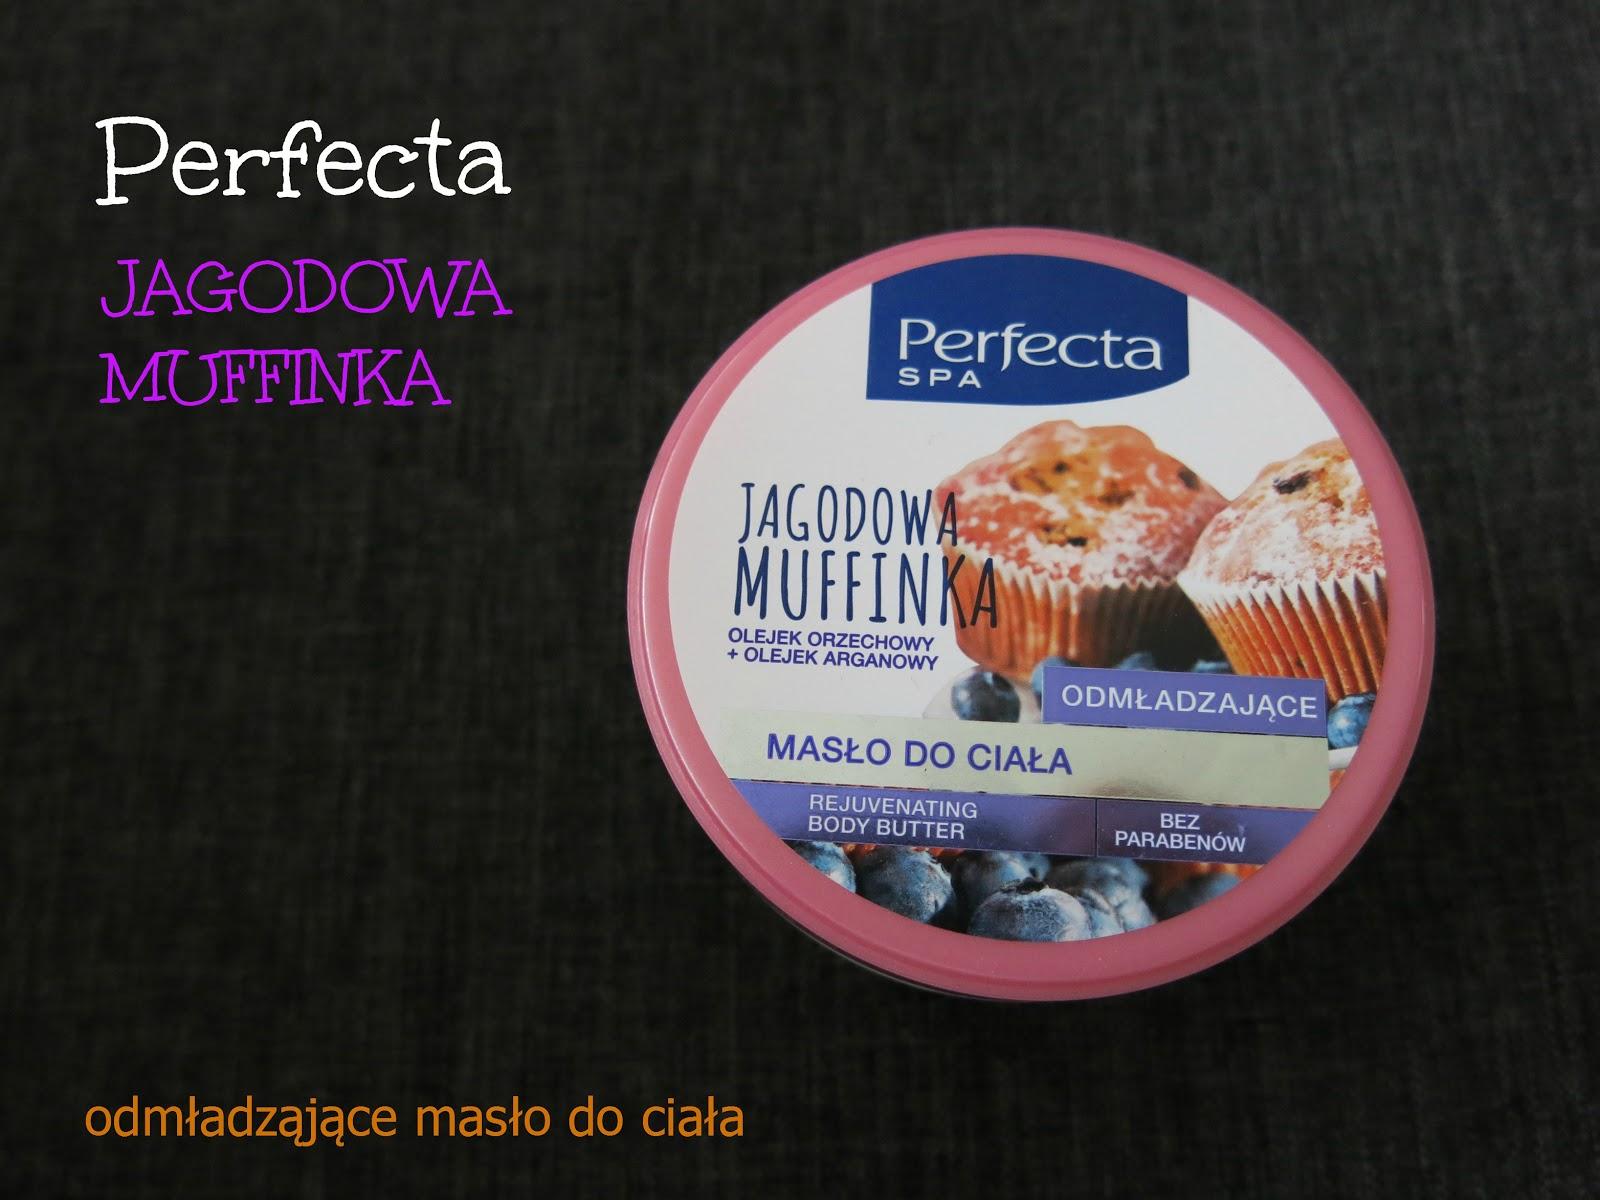 Perfecta - Odmładzające masło do ciała Jagodowa muffinka.